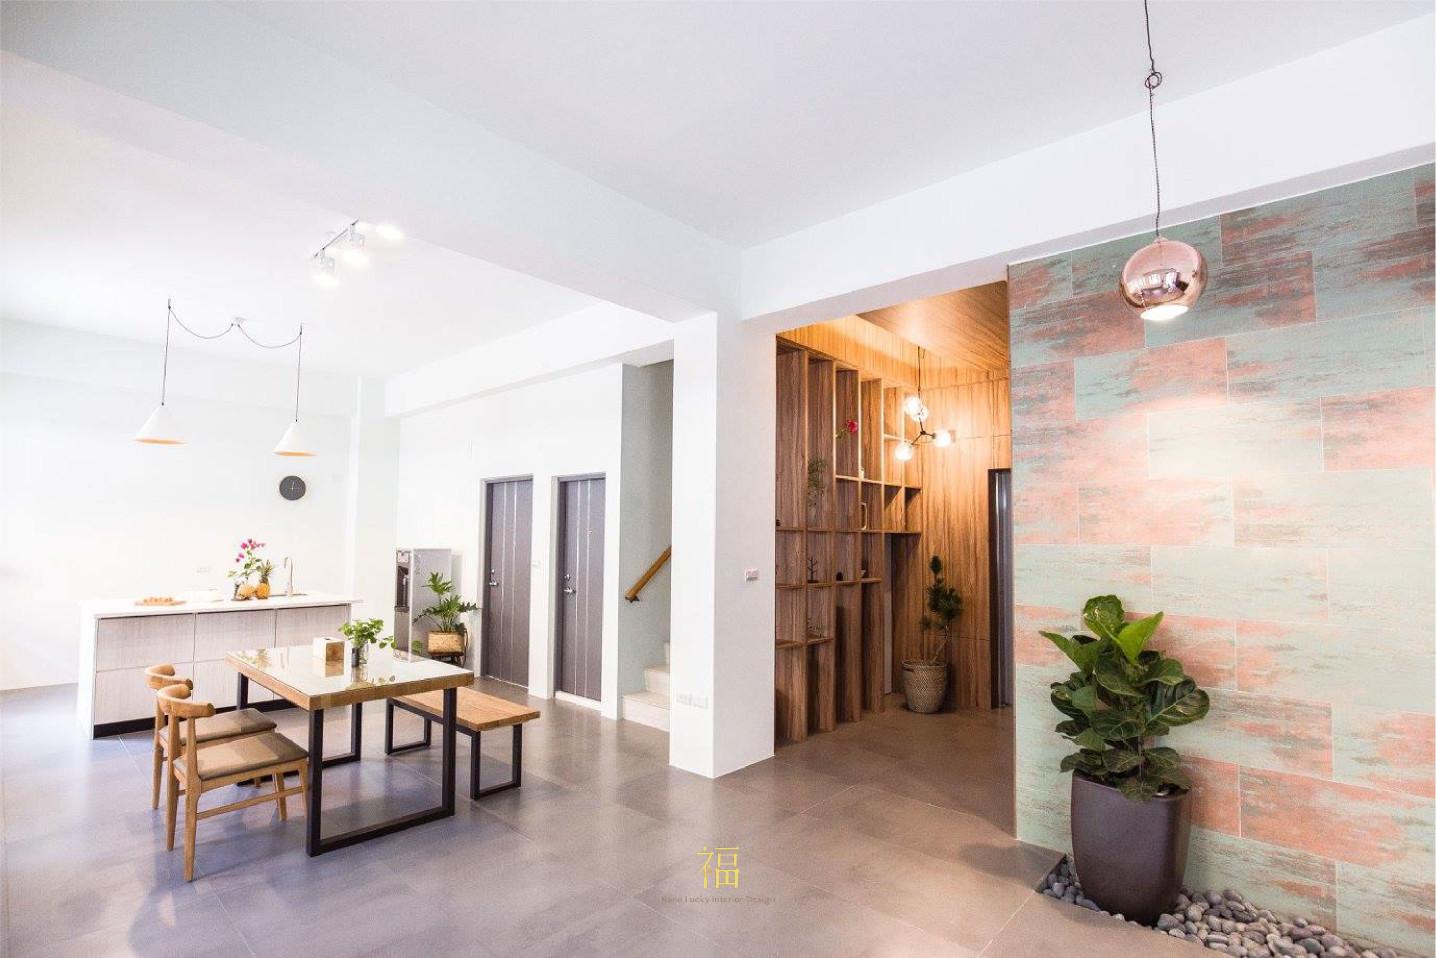 福櫻會館|宿舍交誼廳|嘉義宿舍空間設計